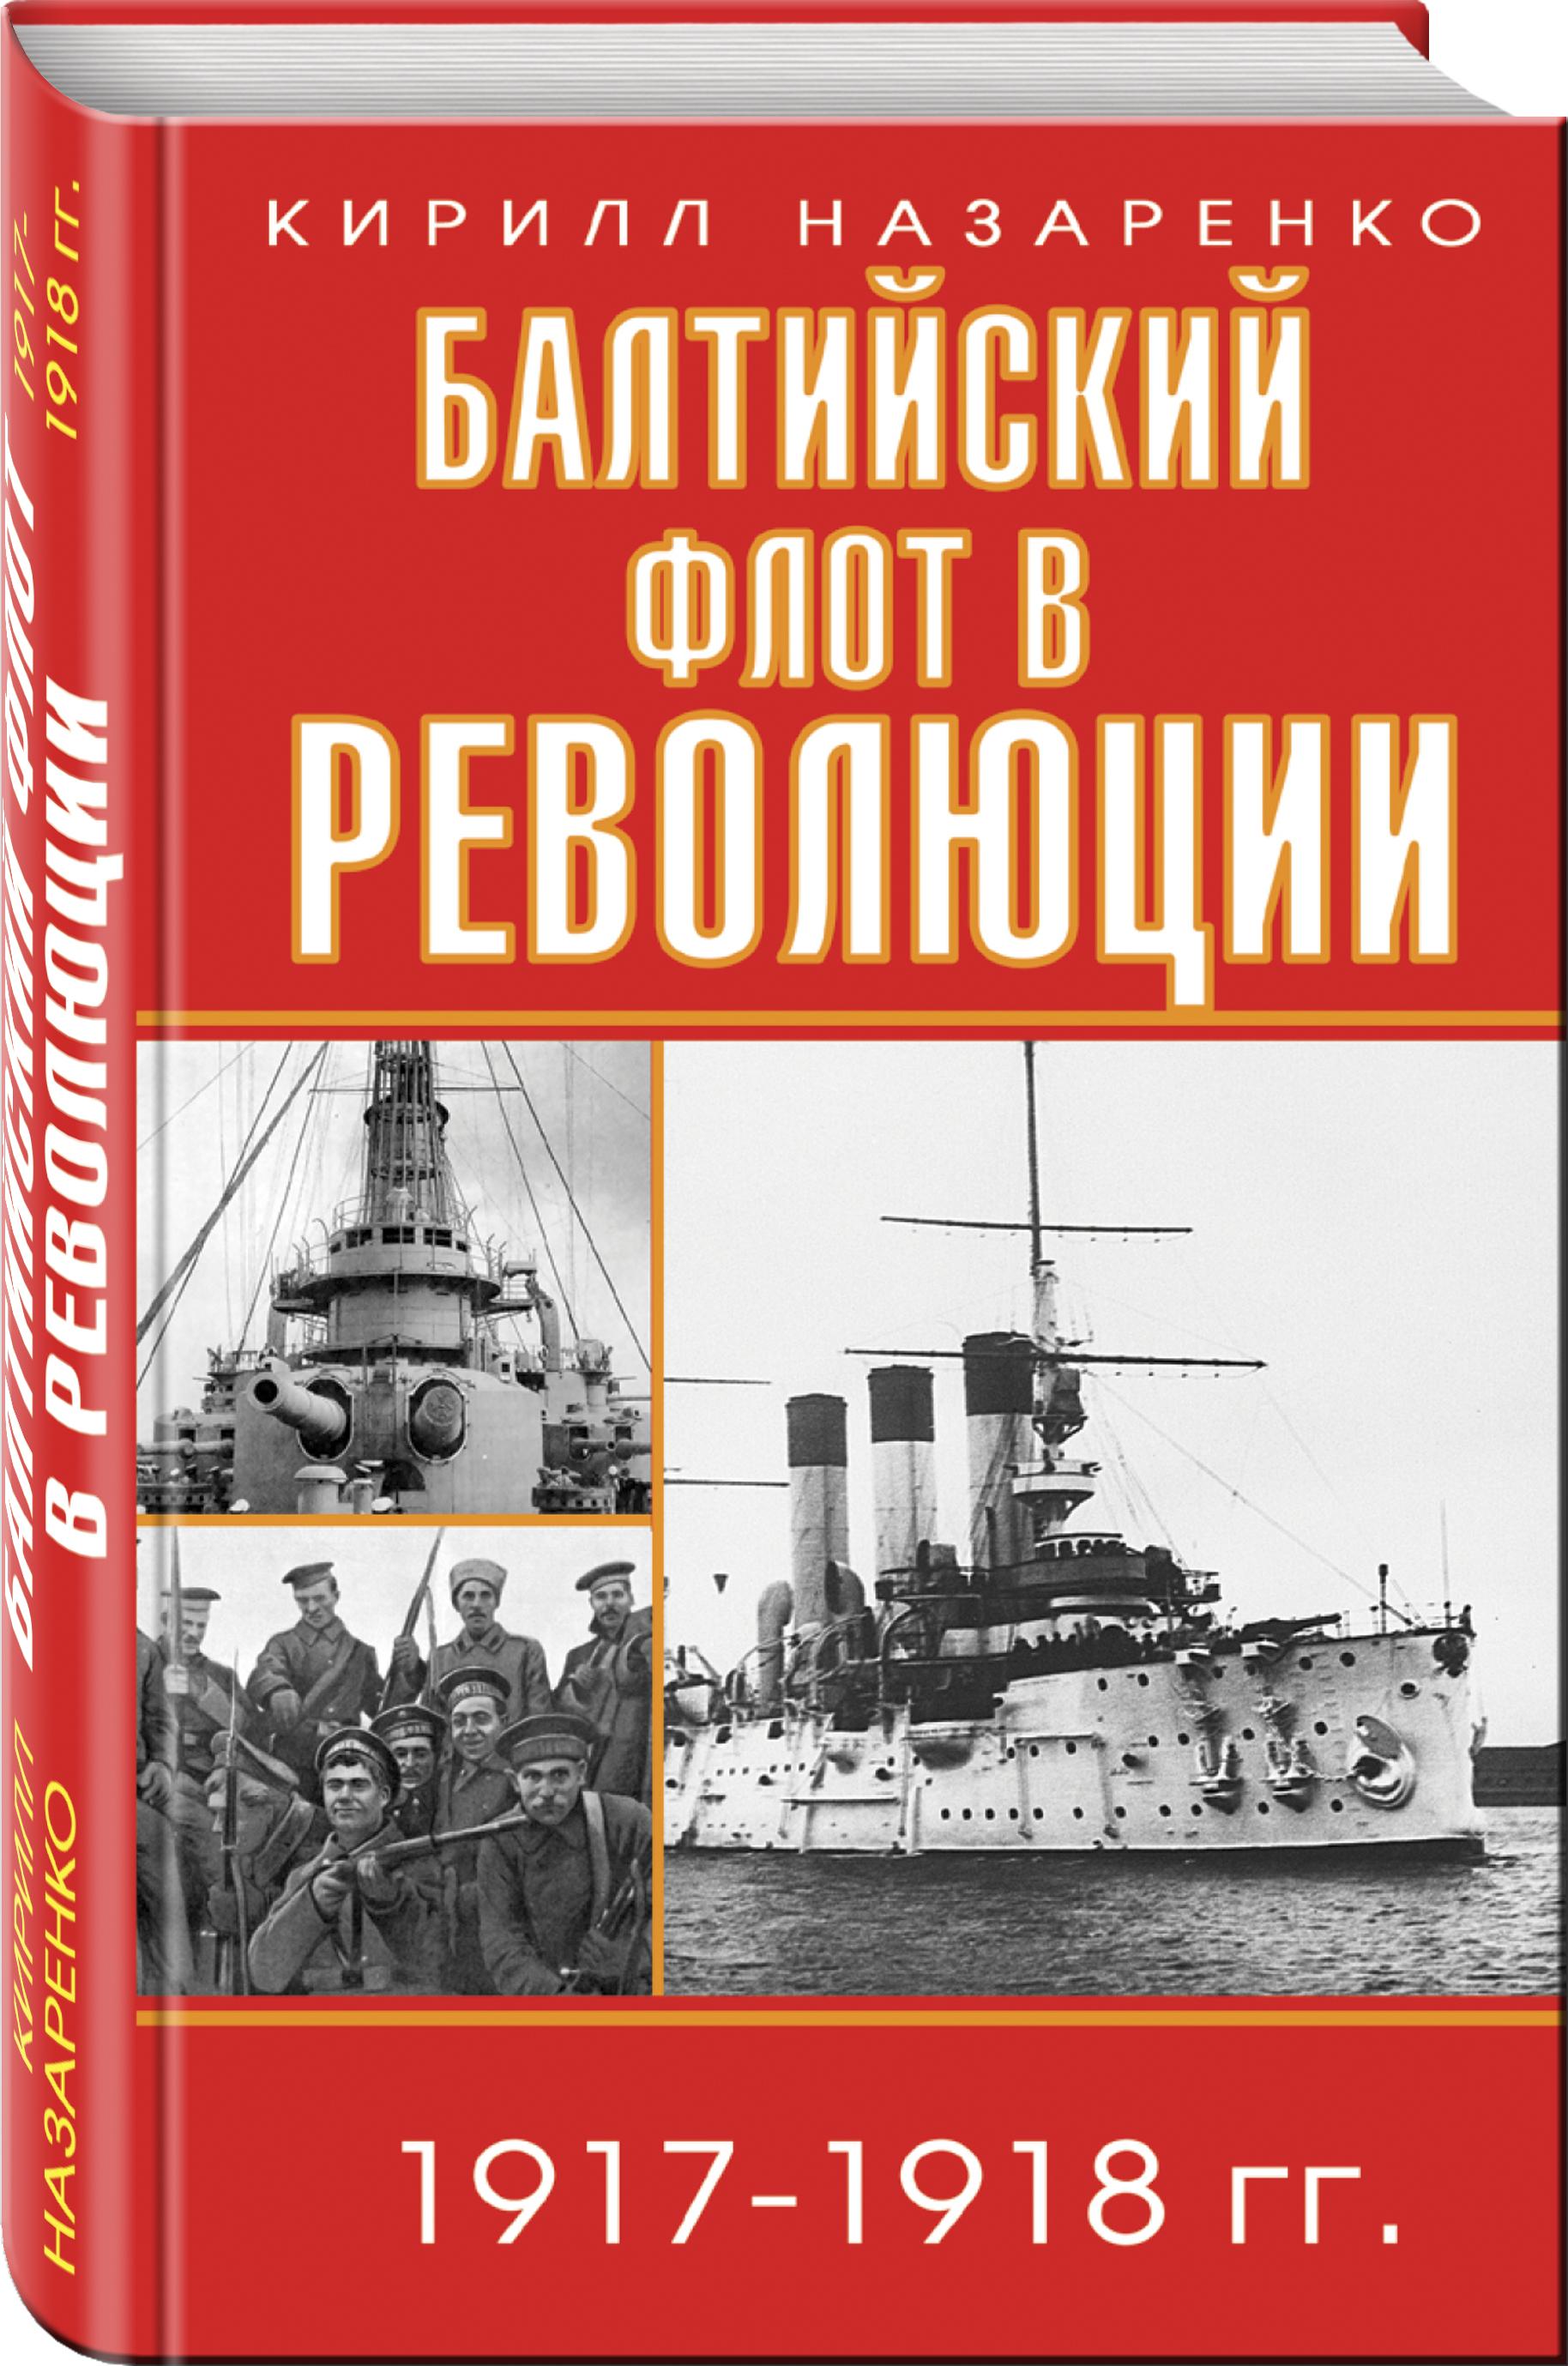 Кирилл Назаренко Балтийский флот в революции 1917-1918 гг. евгений тяжельников они были первыми лидеры ленинского комсомола 1918 1968 годы